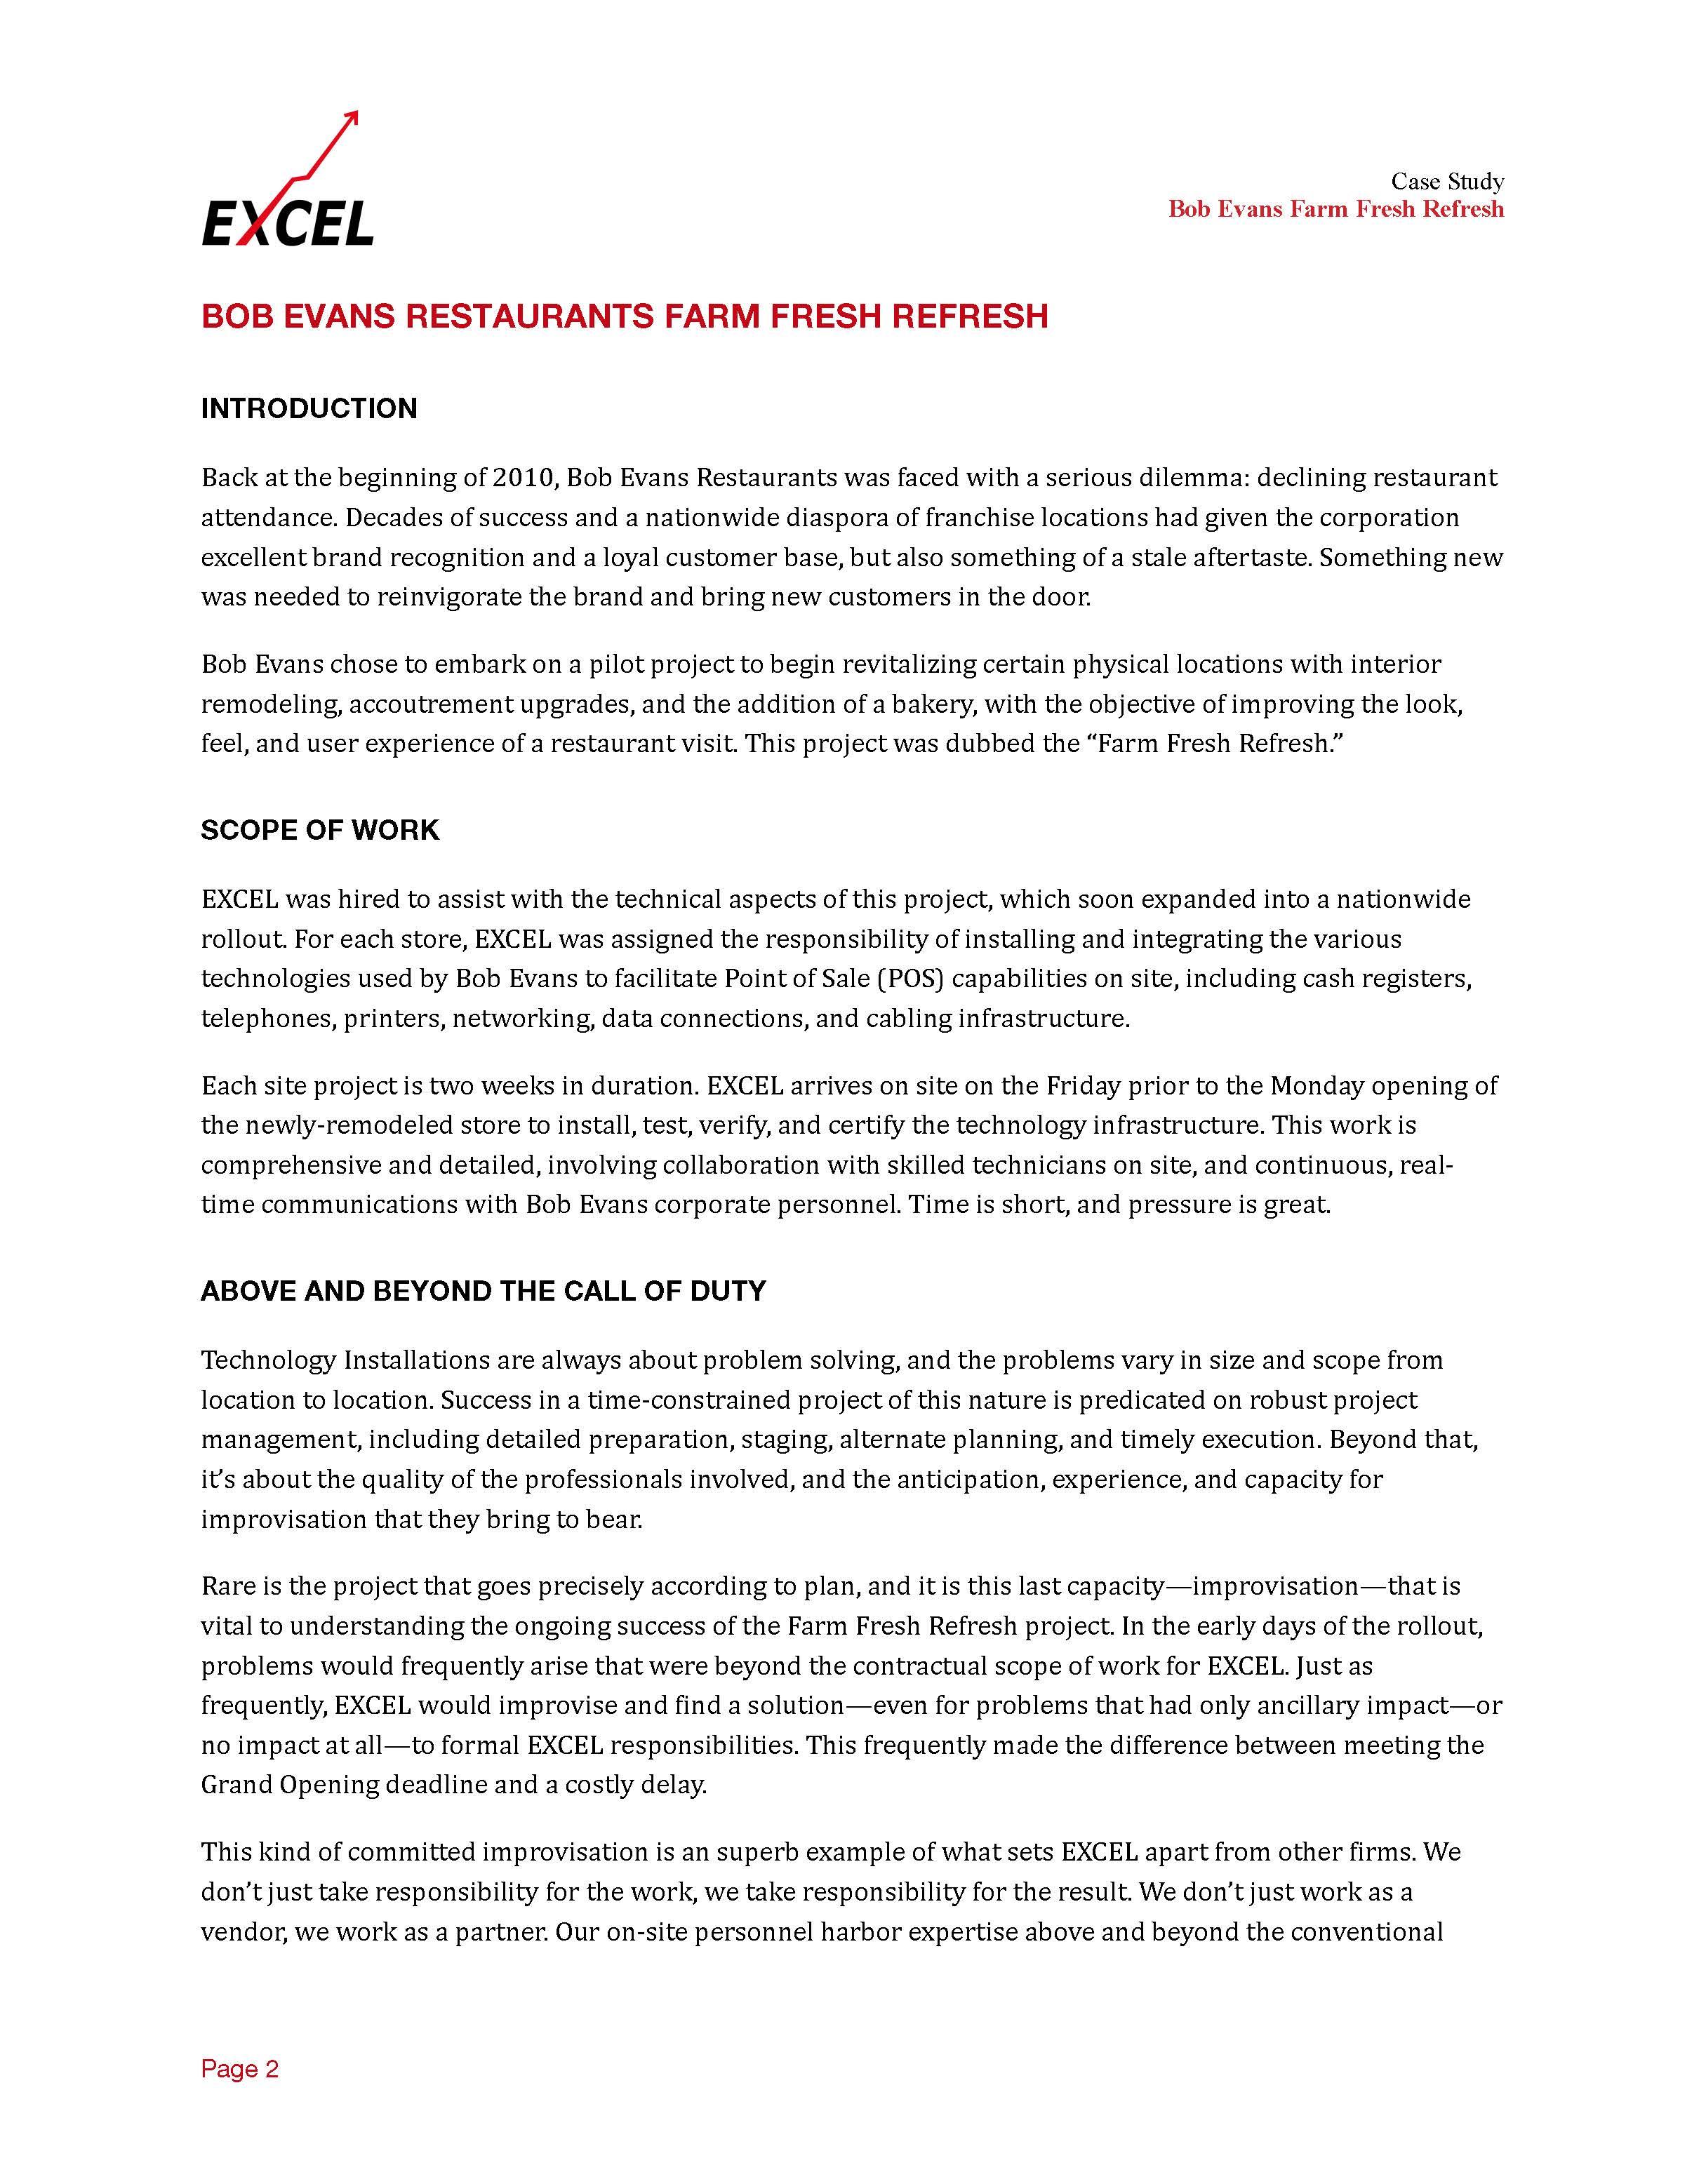 Case Study - Bob Evans v4_Page_2.jpg